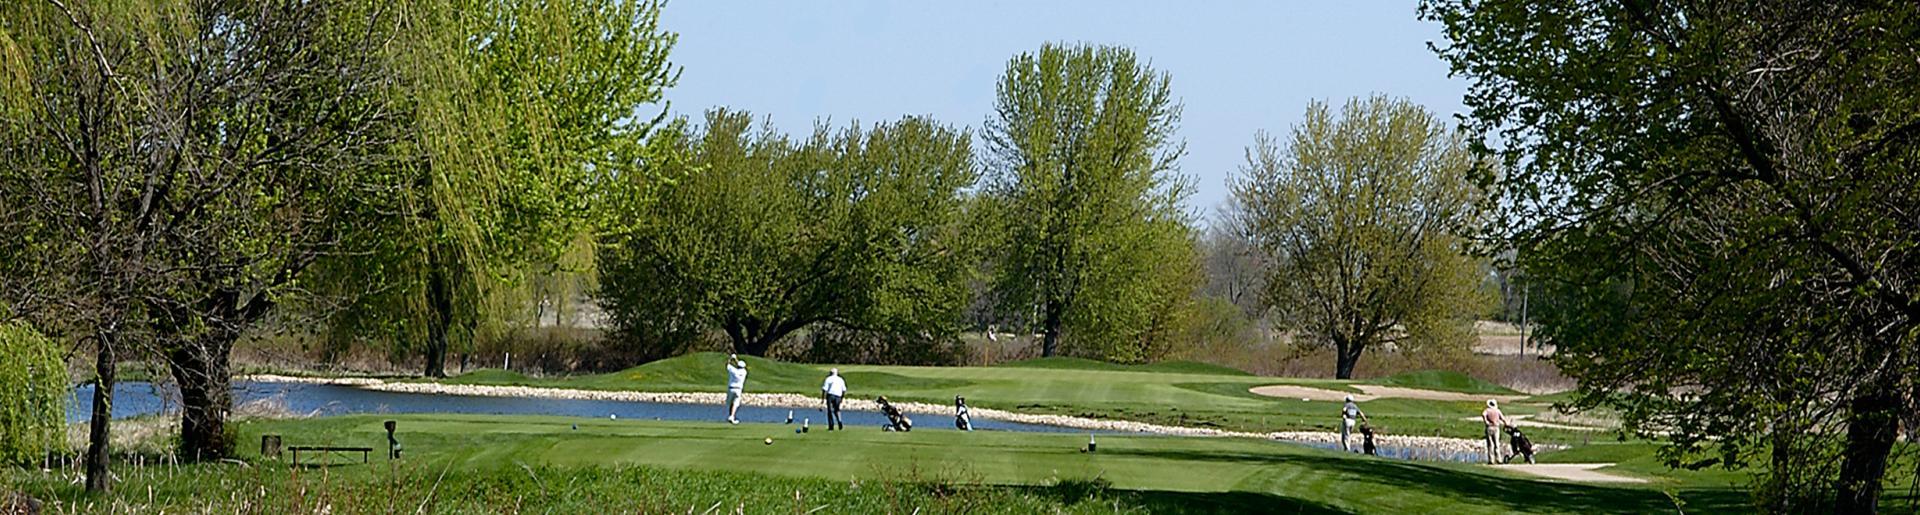 Golf & Disc Golf